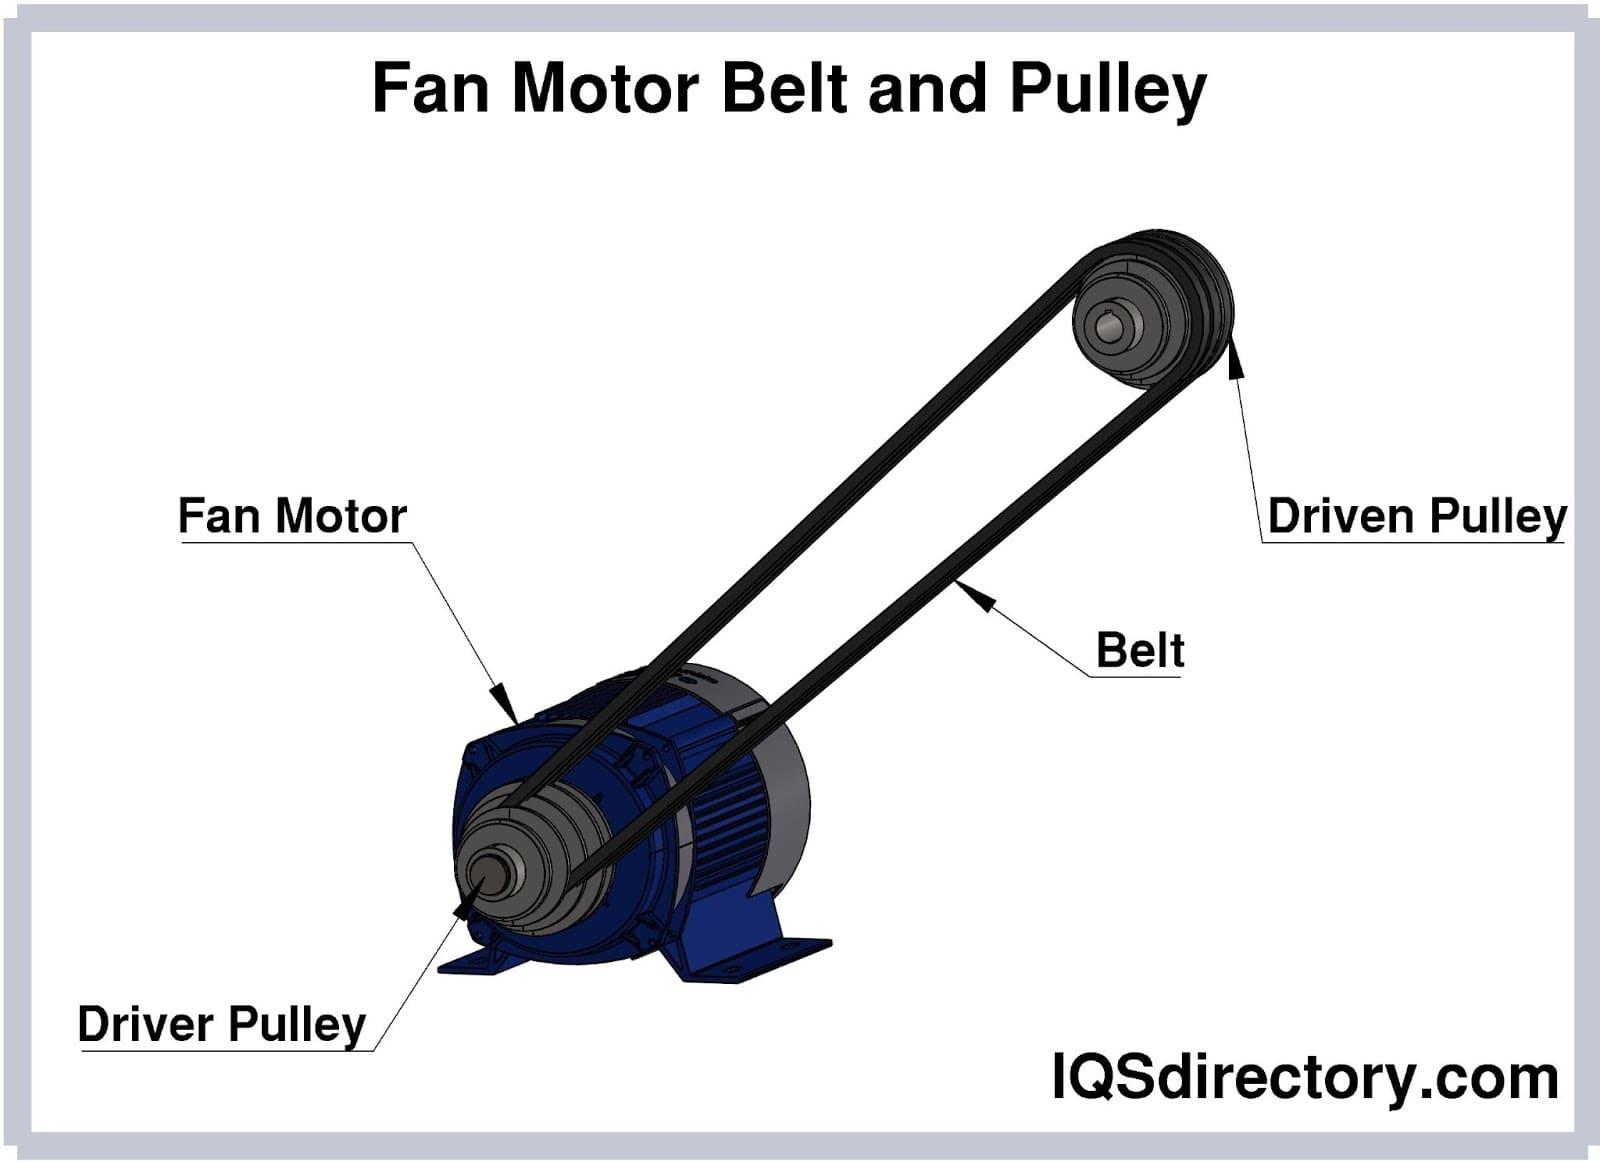 Fan Motor Belt and Pulley